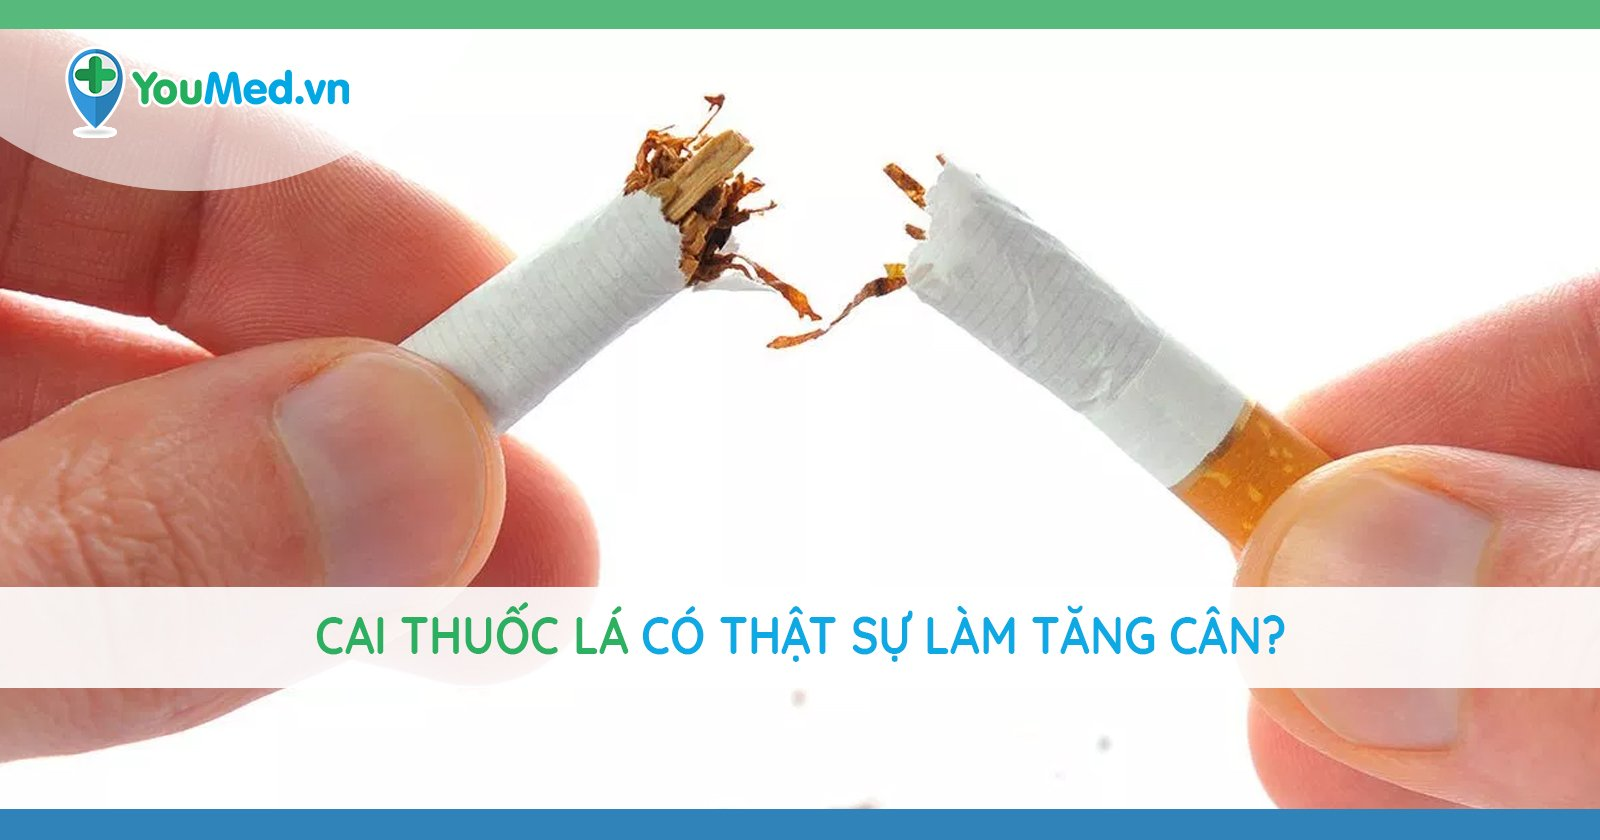 Cai thuốc lá có thật sự làm tăng cân? Làm sao để giữ cân nặng và vóc dáng khi bỏ thuốc?